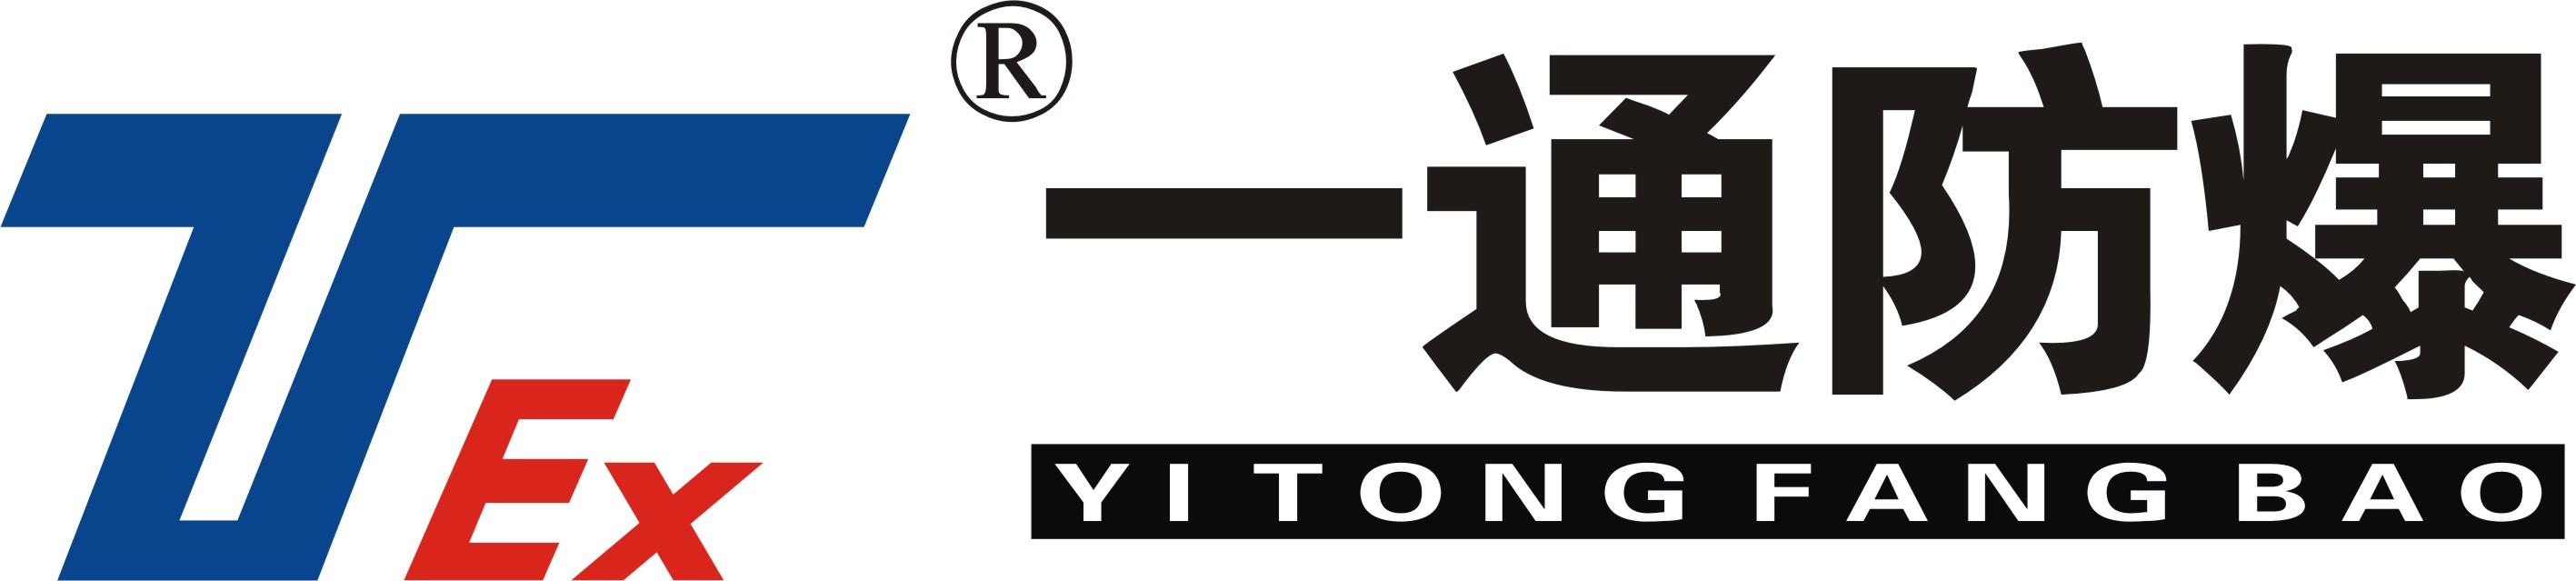 logo 标识 标志 设计 矢量 矢量图 素材 图标 2834_639